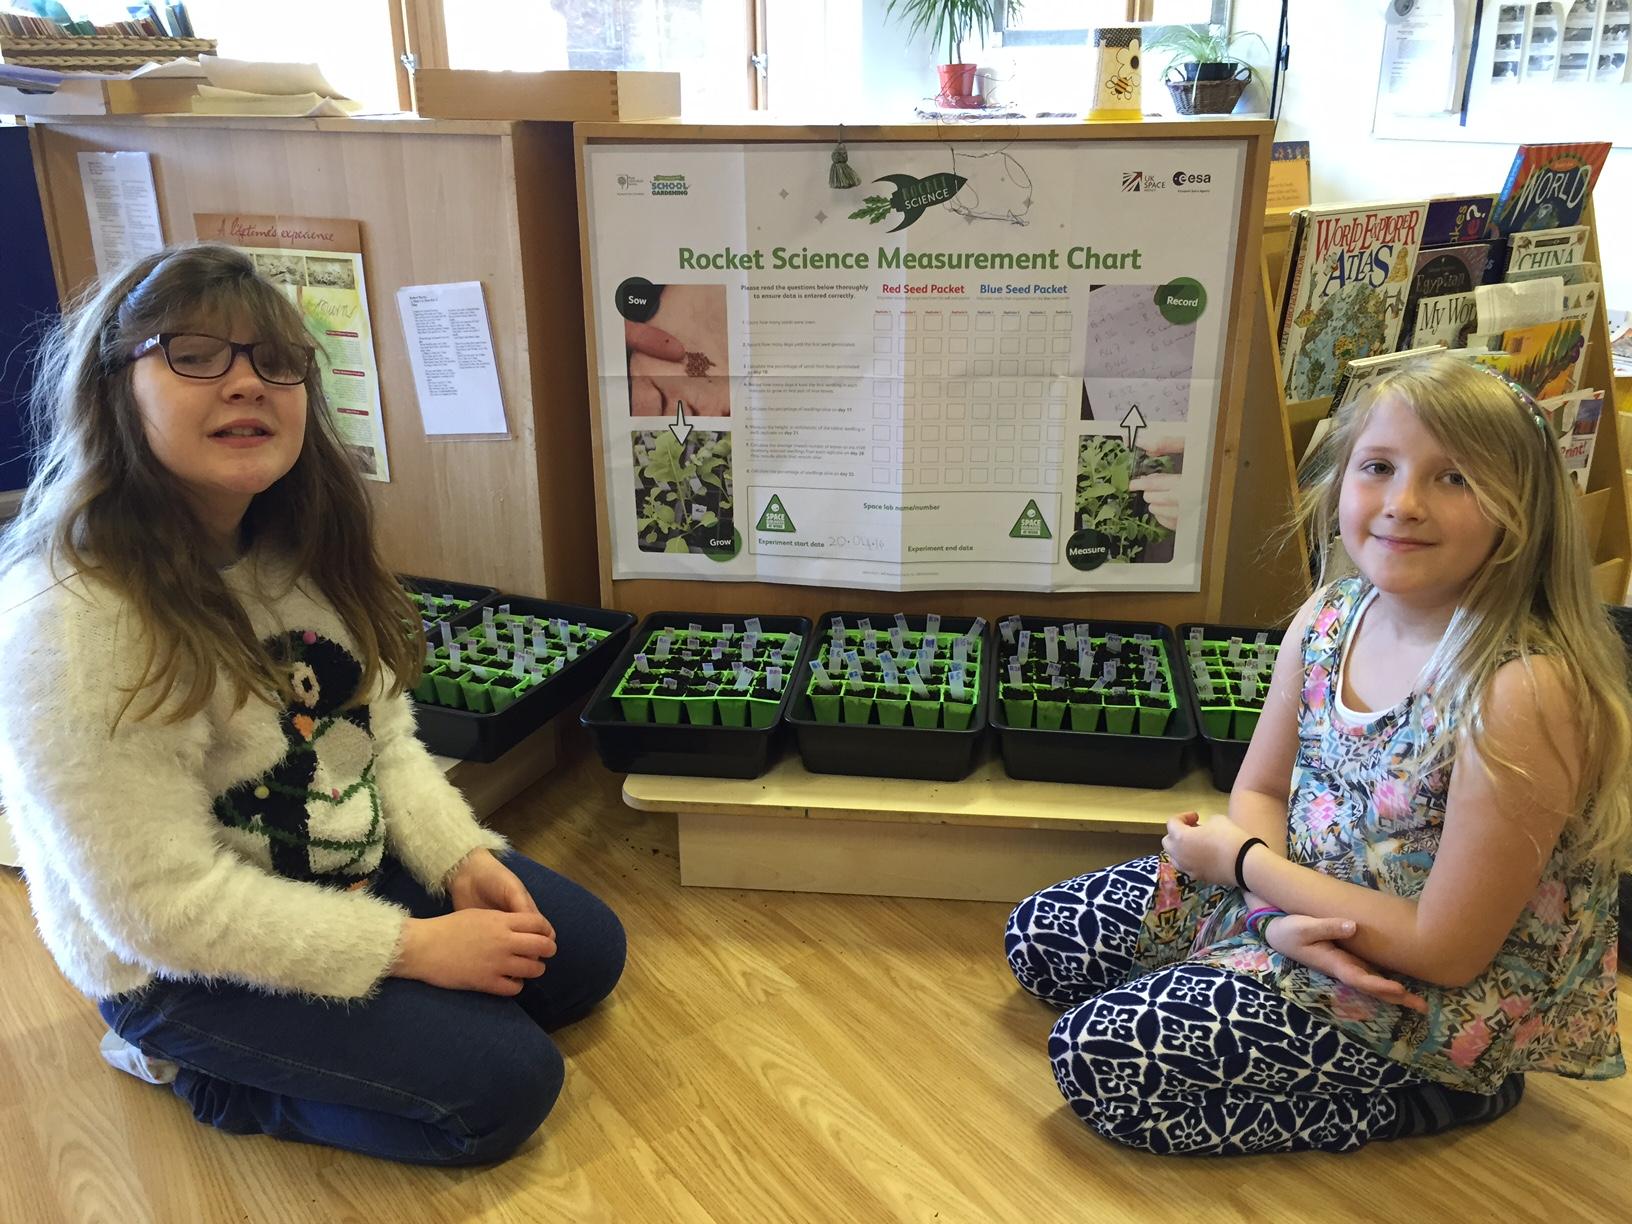 Edinburgh Montessori Arts School Grow Seeds From E Guide